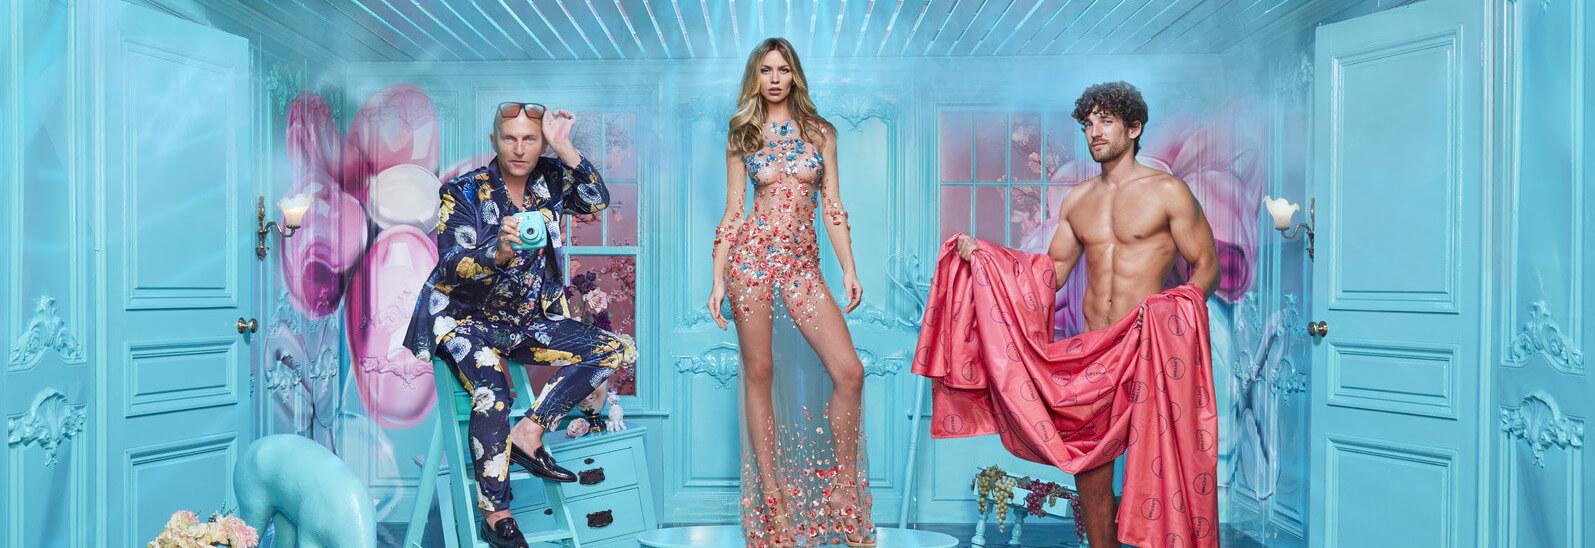 Britain's Next Top Model - BNTM, London Creative Designs Client